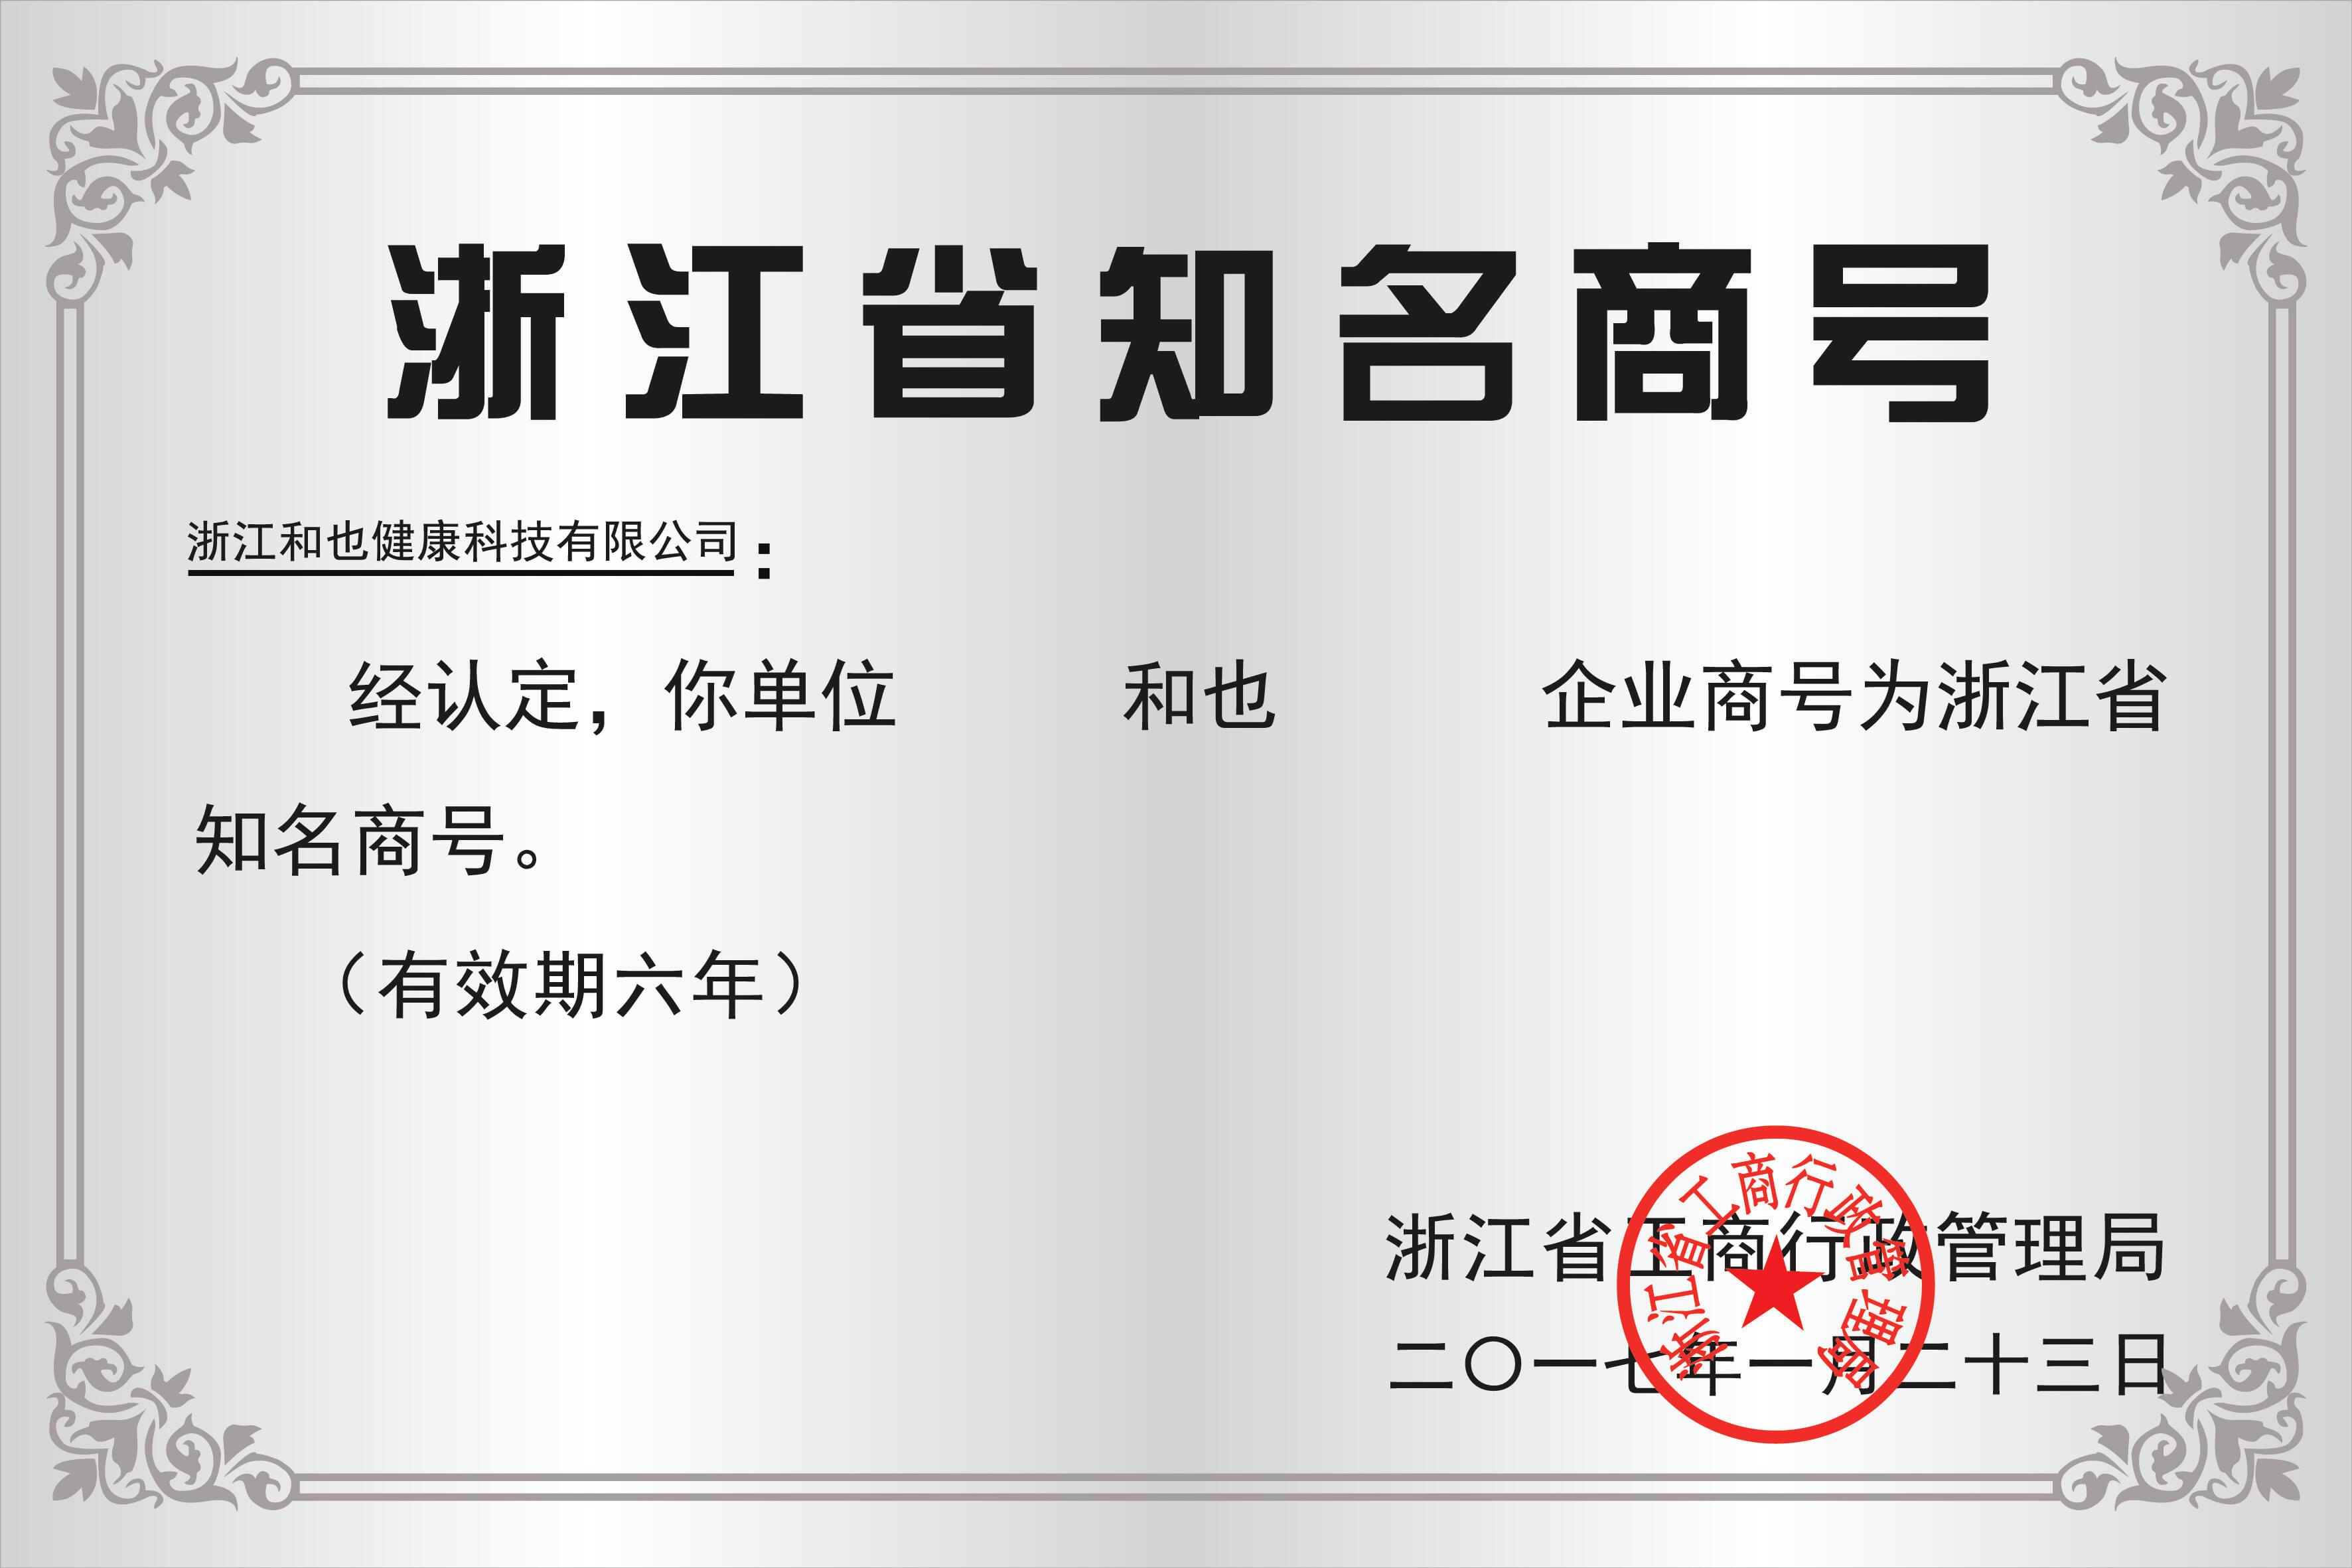 浙江省知名商号证书